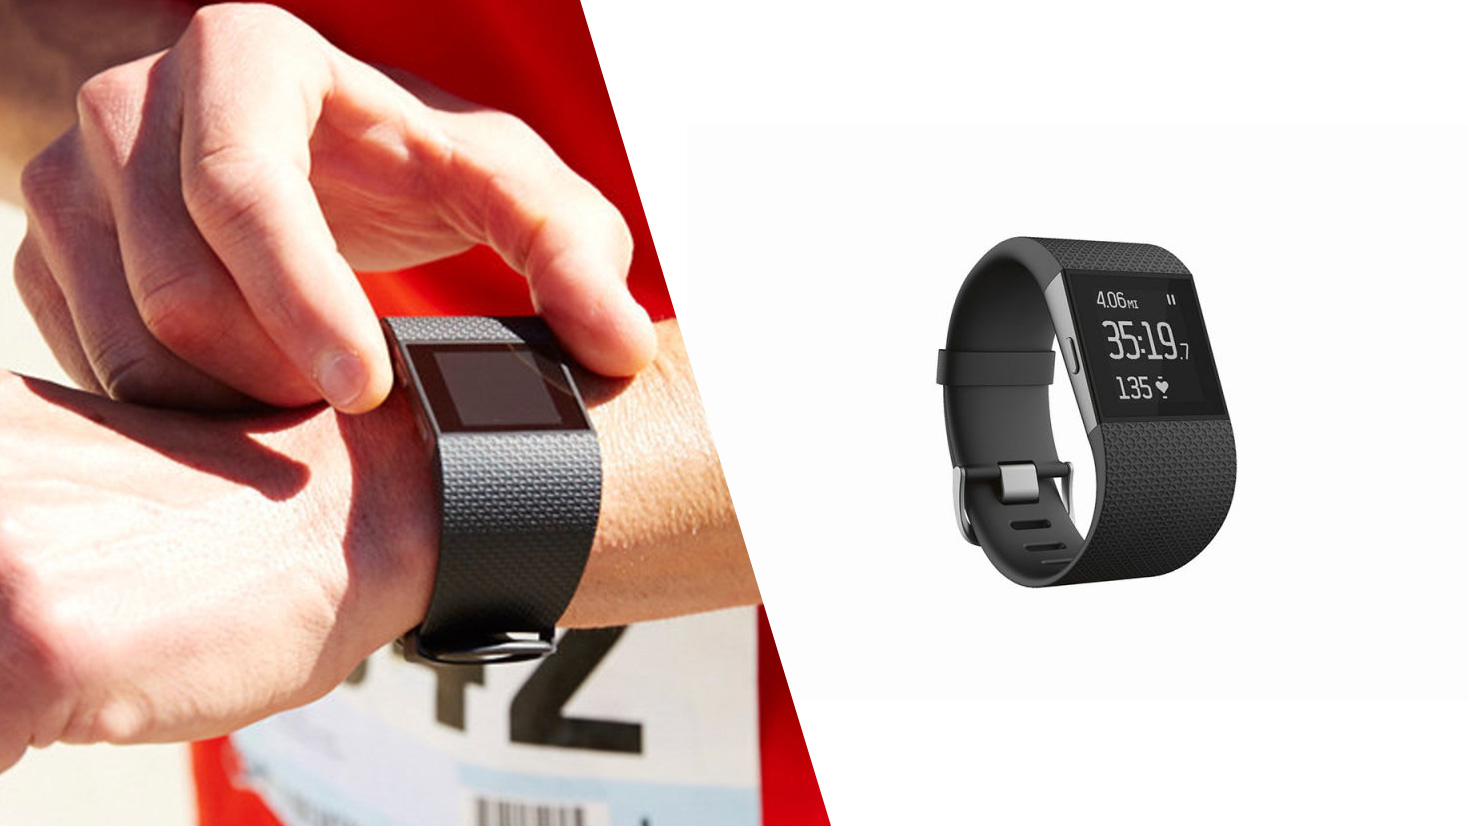 La smartwatch de sport Surge de Fitbit